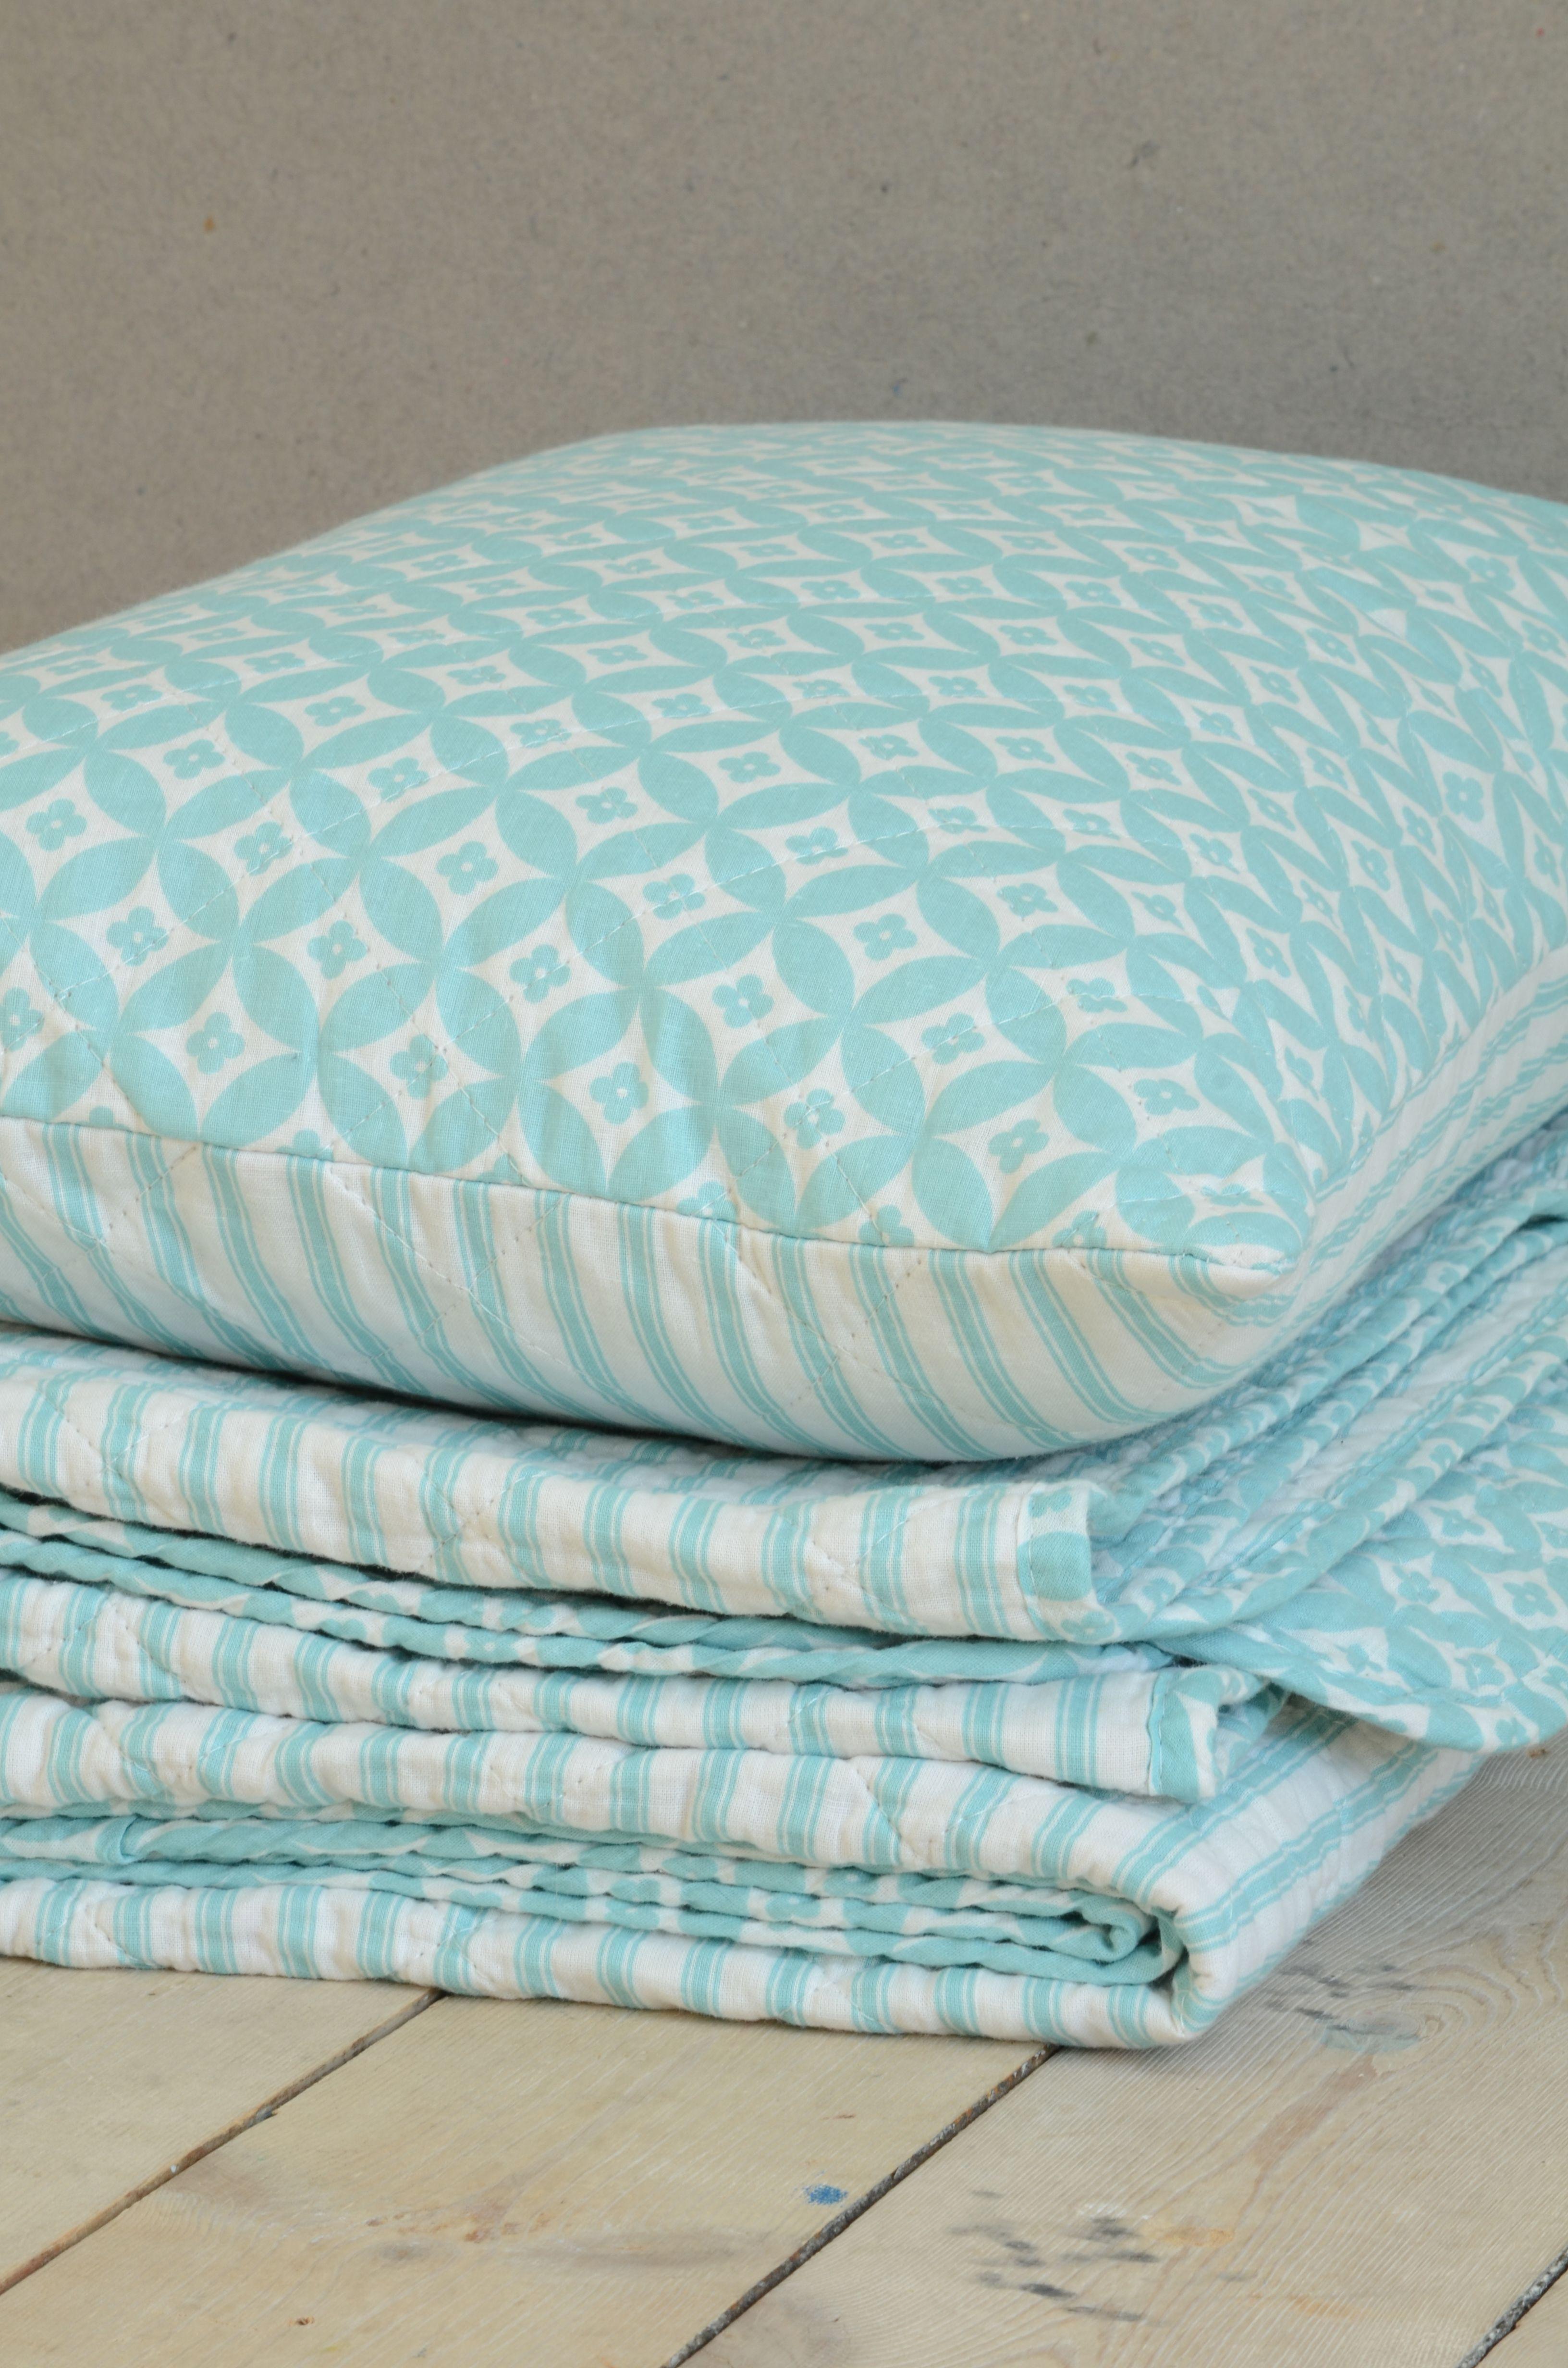 Kissen und Tagesdecke mit Muster von Ib Laursen. | MUSTERhaft ...